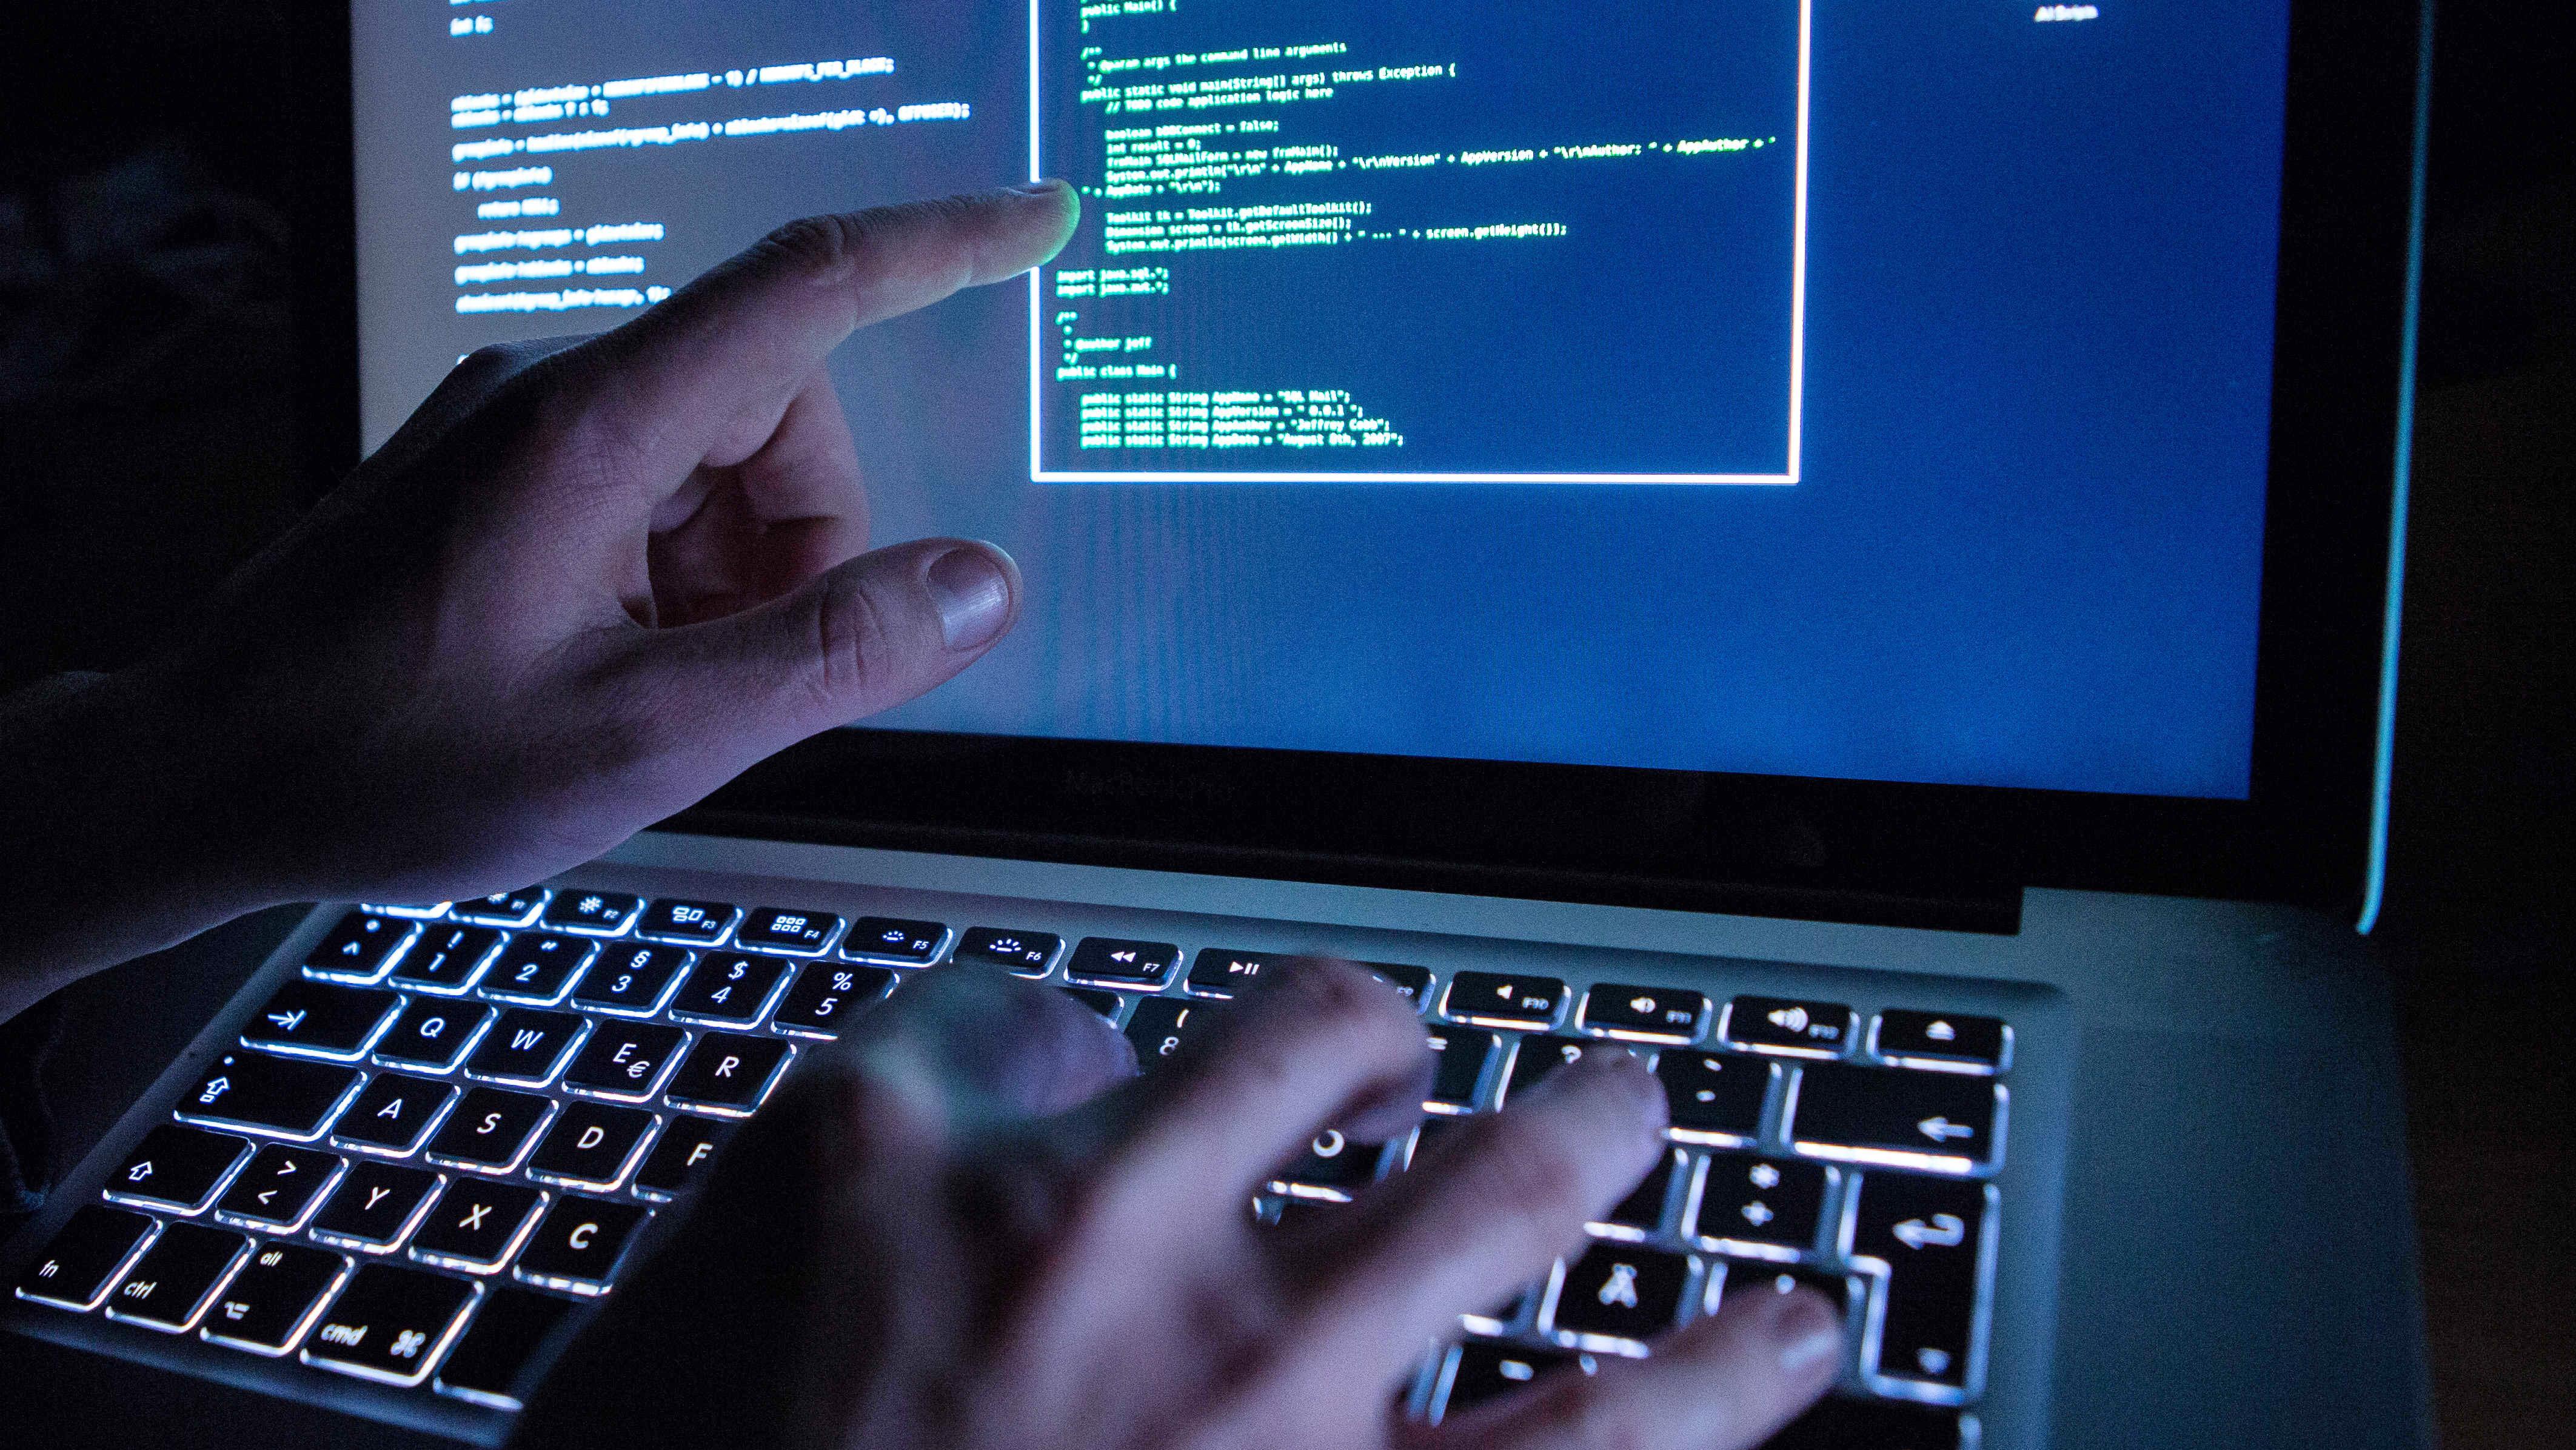 Ein Mann benutzt die leuchtende Tastatur eines Laptops (Symbolbild).